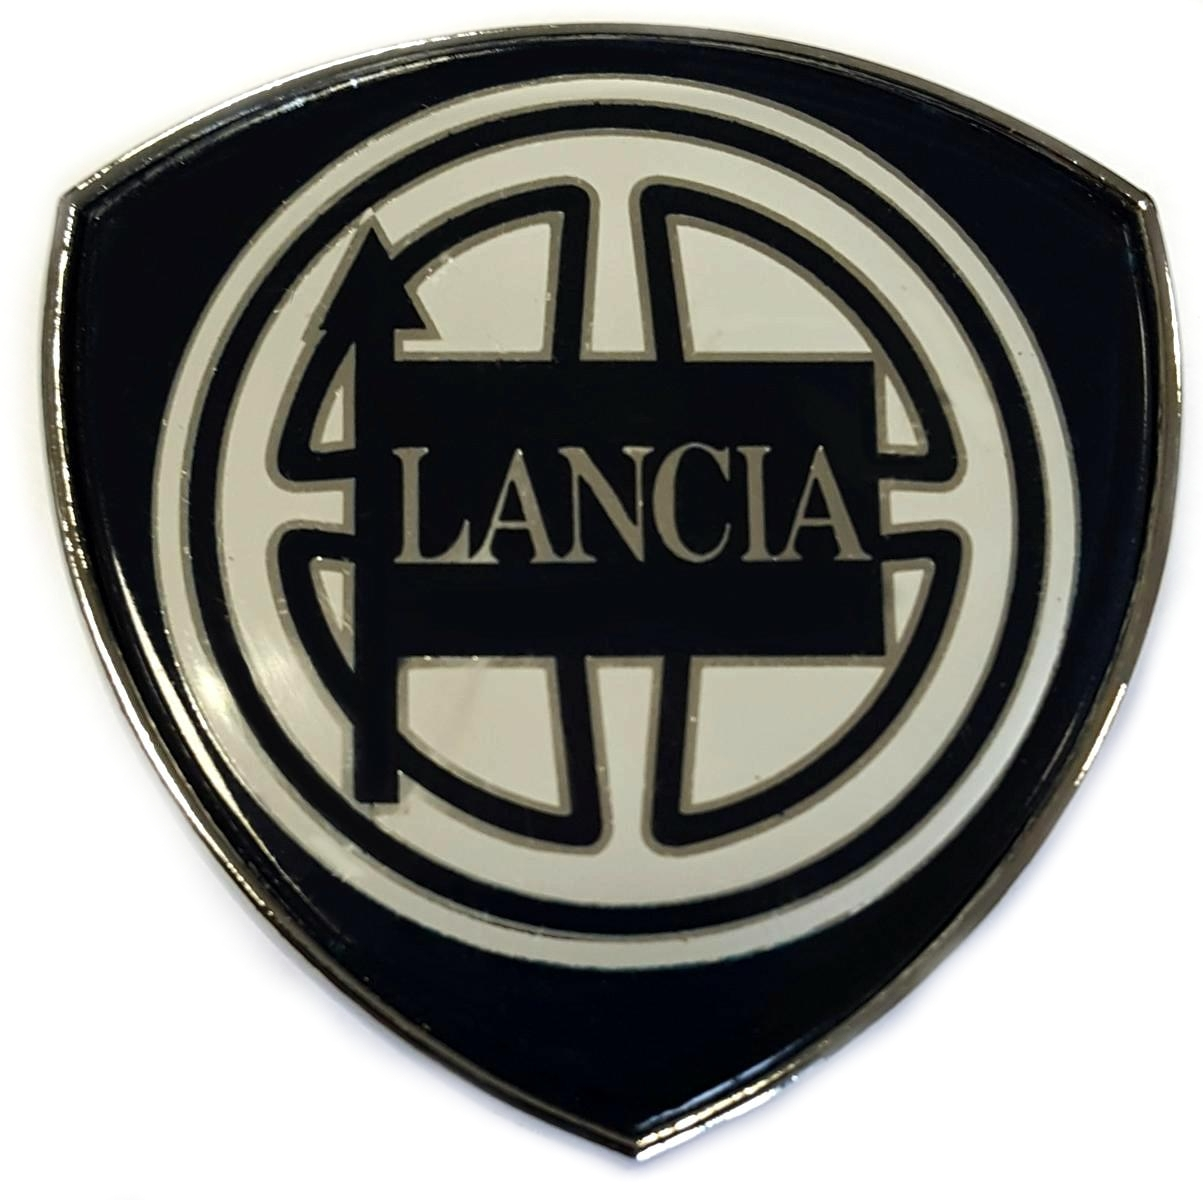 LOGO STEMMA FREGIO POSTERIORE LANCIA Y (BLU SCURO) DAL 2000 AL